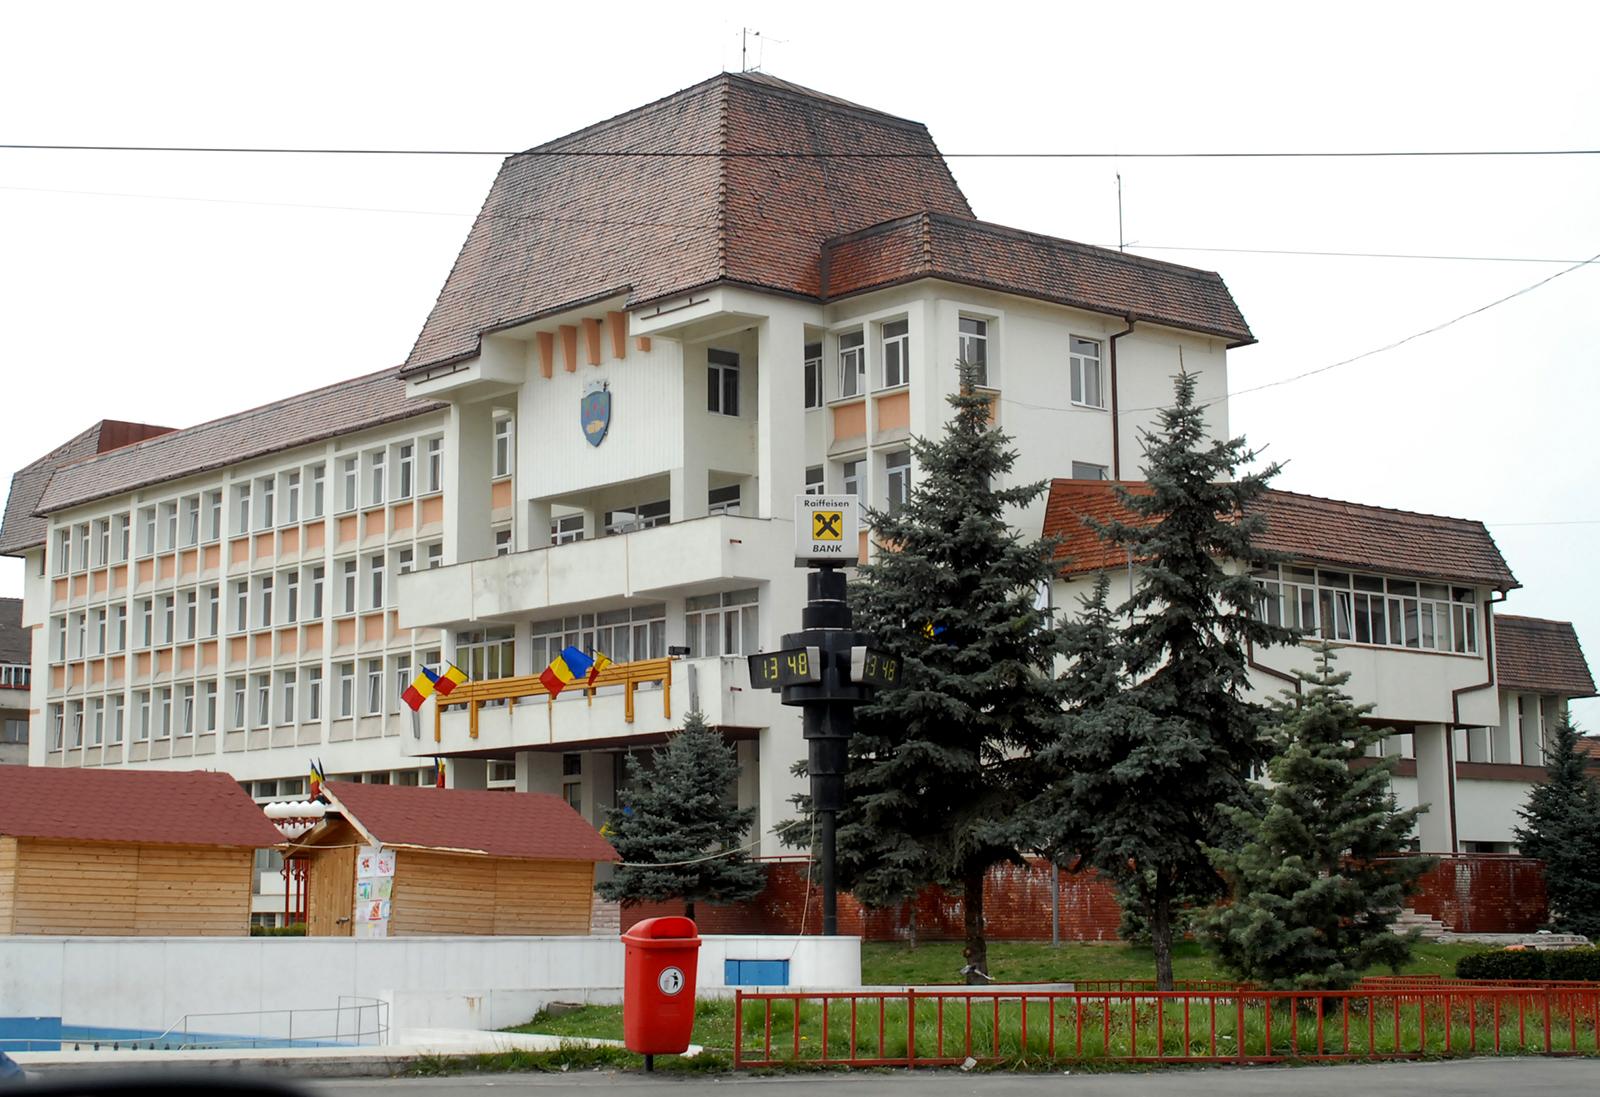 Camera de conturi a descoperit prejudicii de peste șapte milioane de lei la primăriile din Sibiu